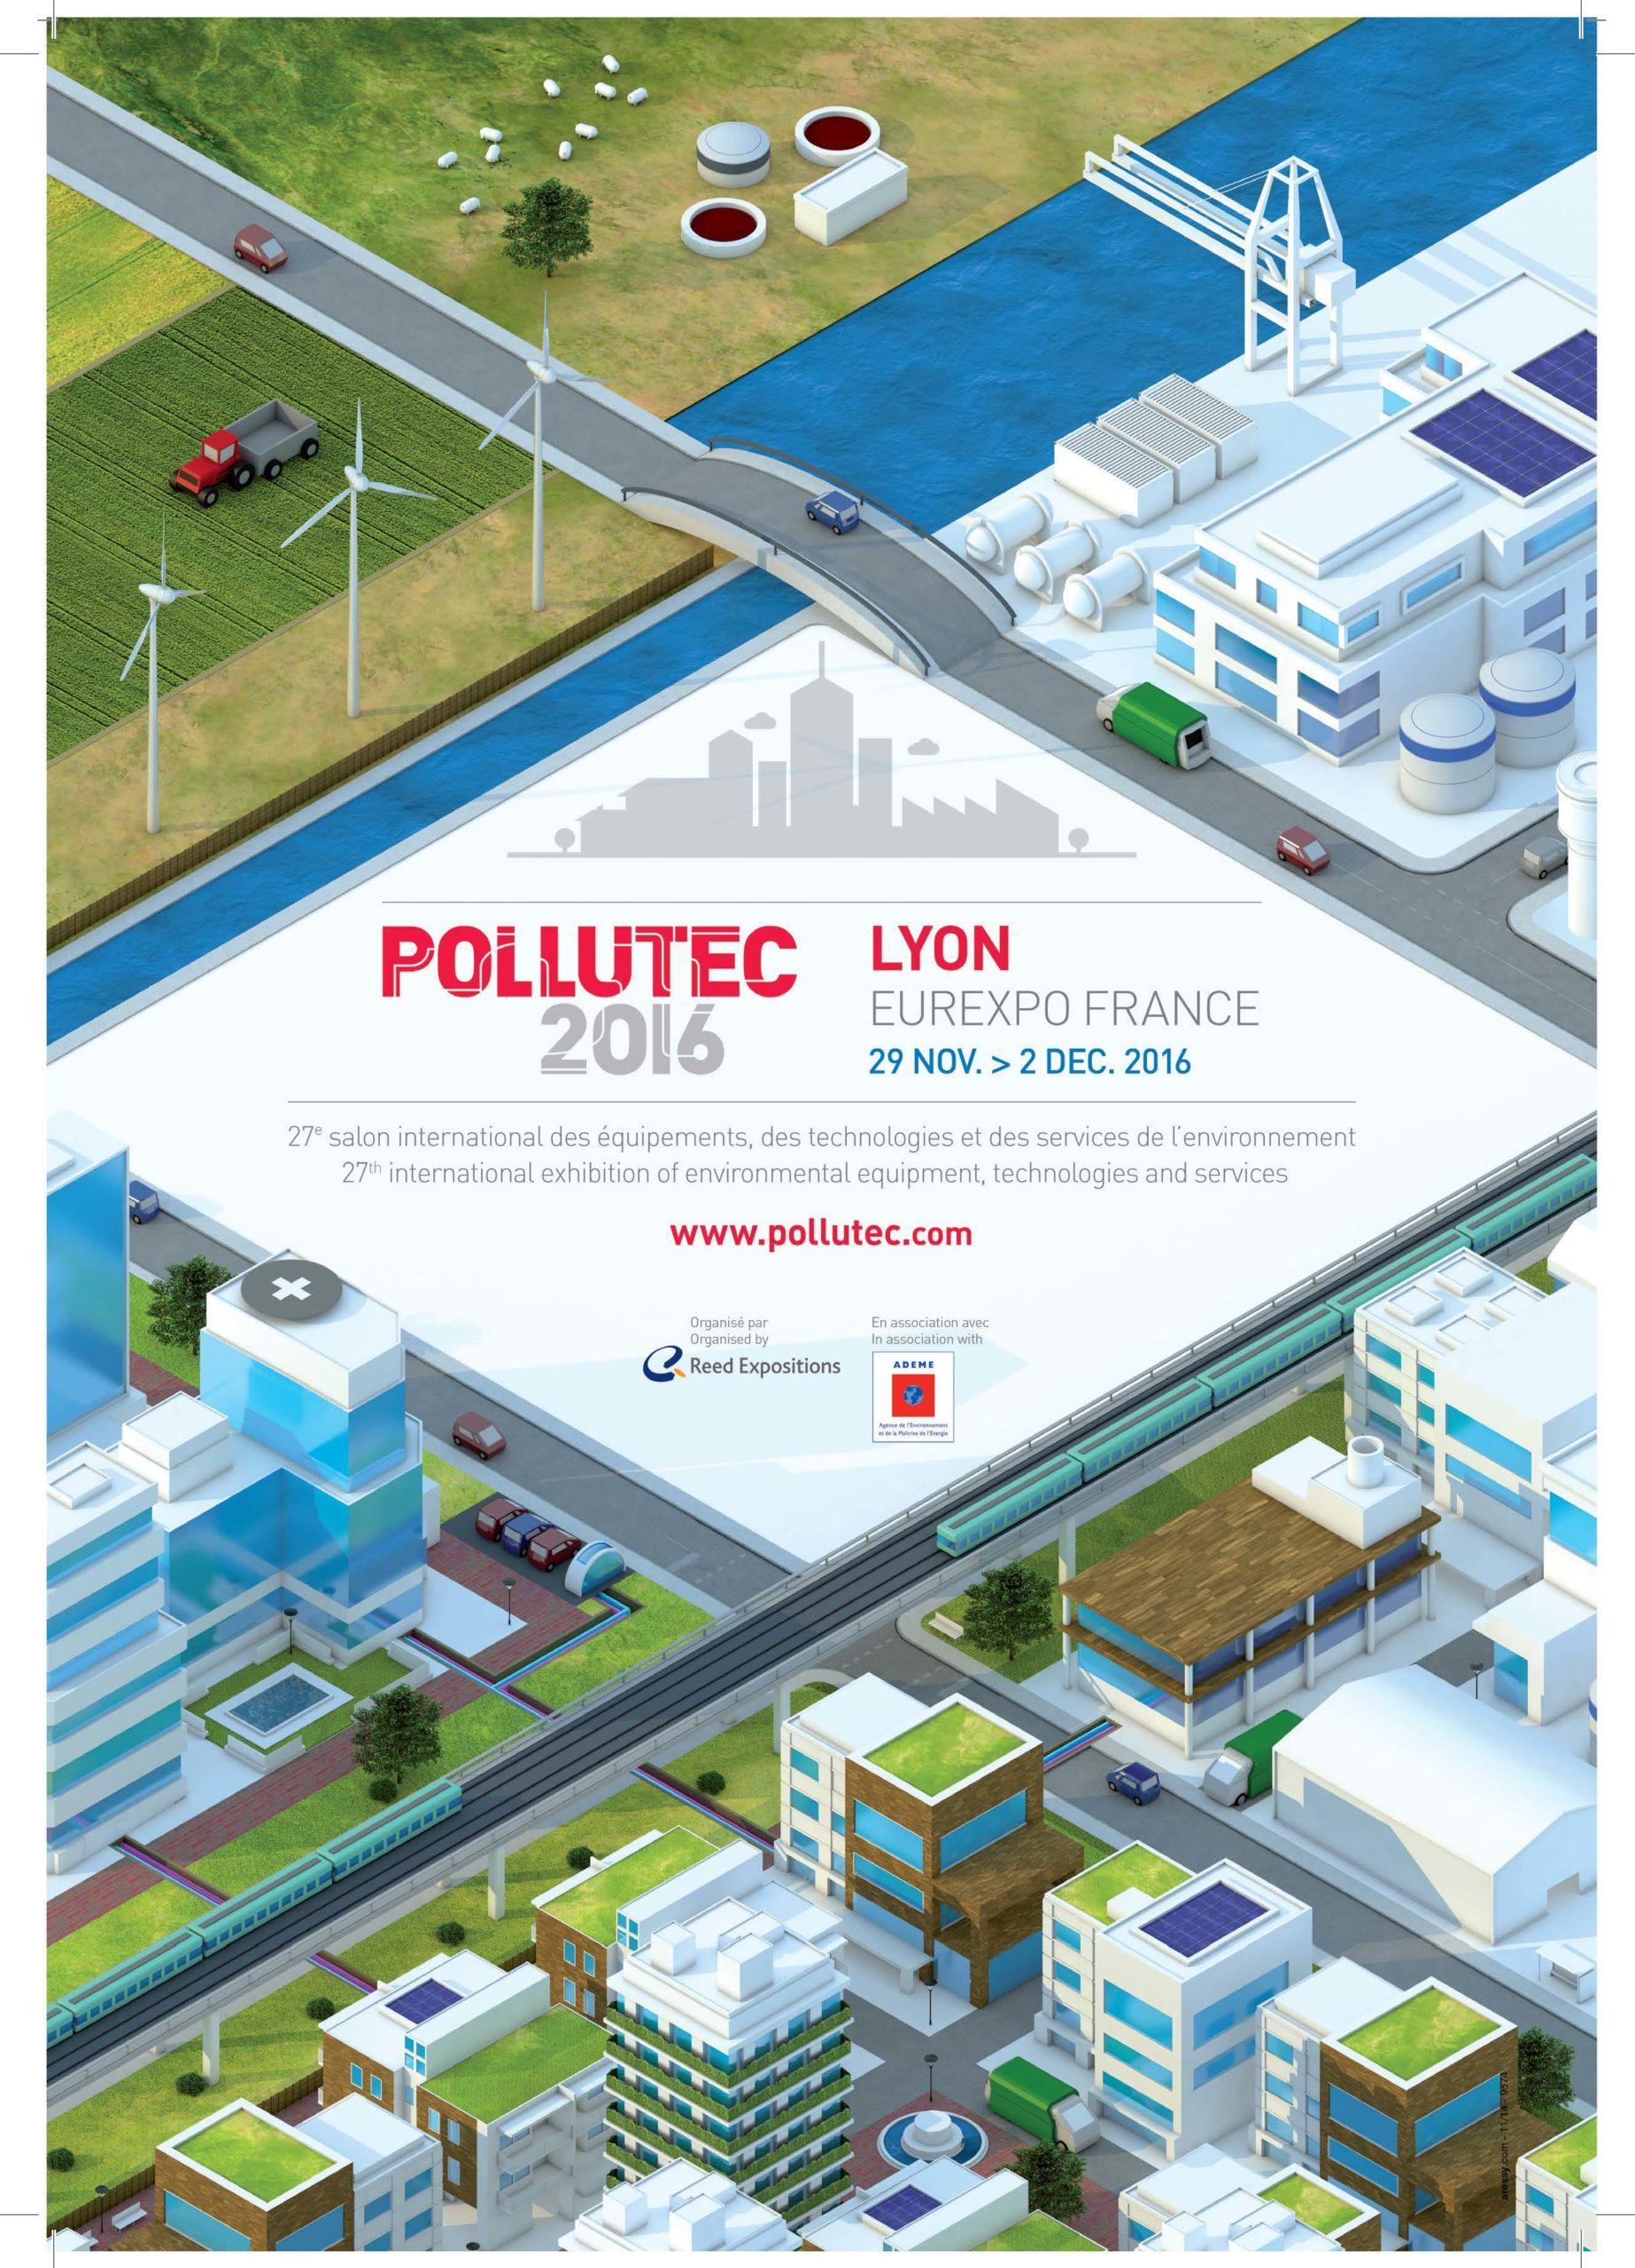 Microbia Environnement présente à Pollutec 2016